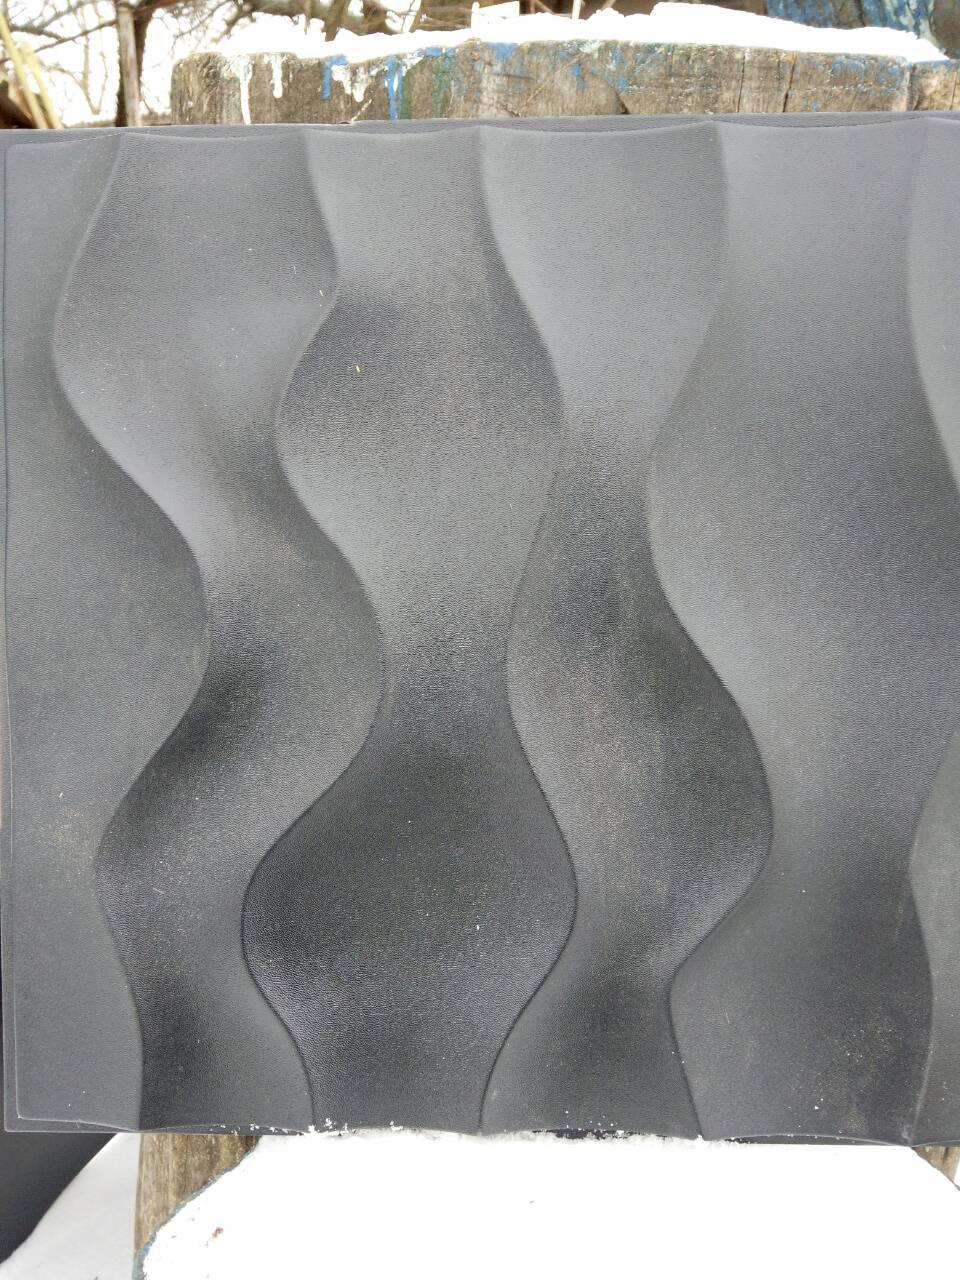 """Пластиковая форма для изготовления 3d панелей """"Эфир"""" 50*50 (форма для 3д панелей из абс пластика) - Форм-Мастер. Магазин форм для декора в Запорожской области"""